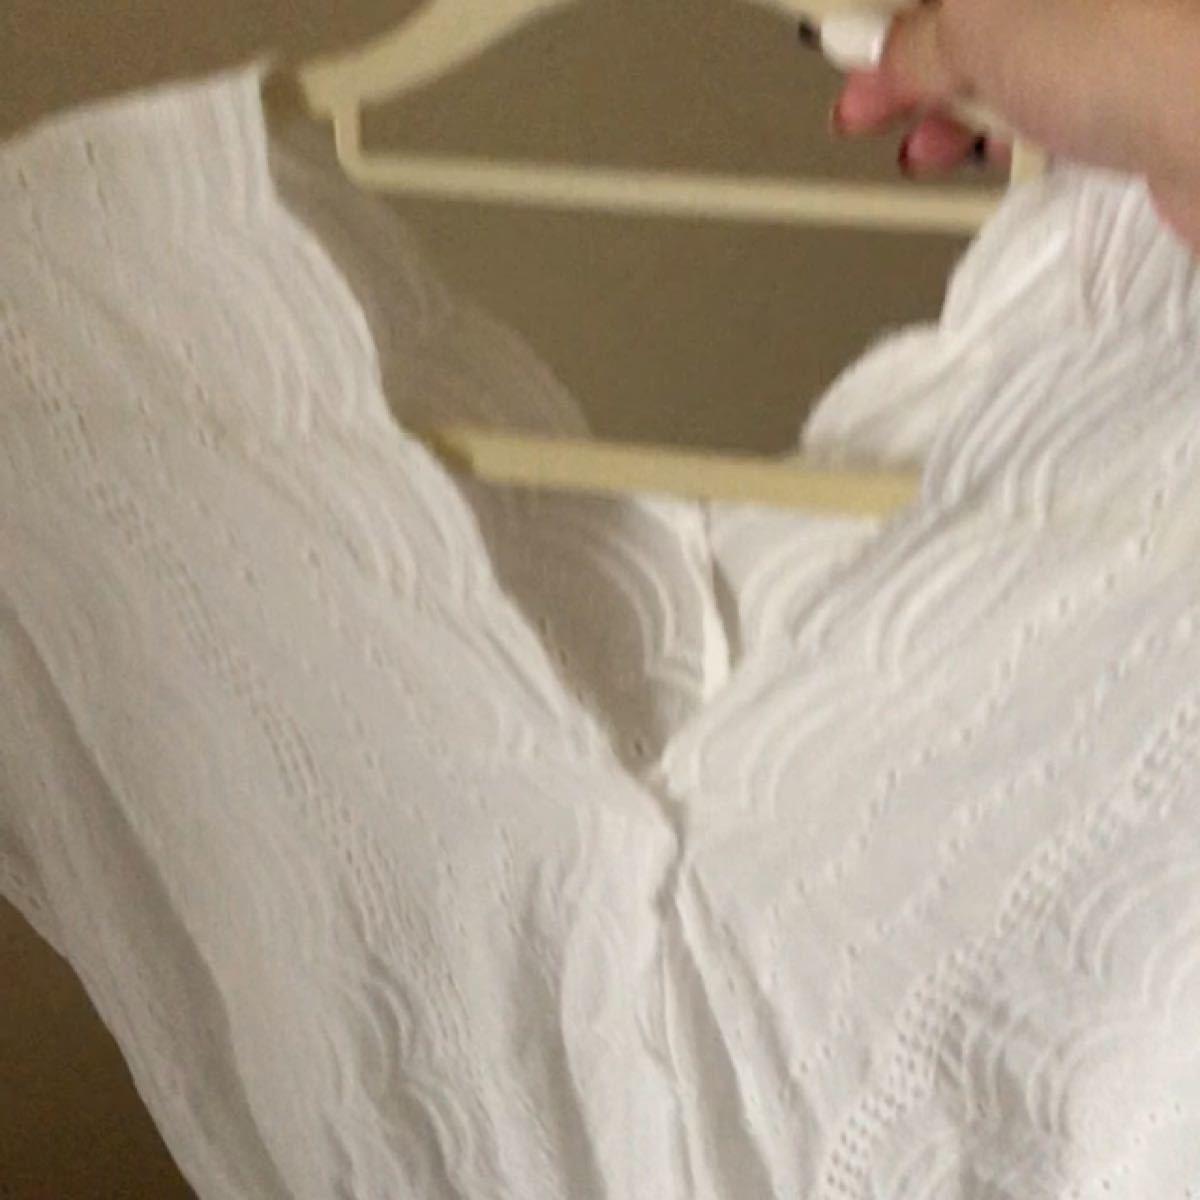 GU トップス レースブラウス フレンチスリーブT 白刺繍シースルー チュニック風 ウエストゴム絞り